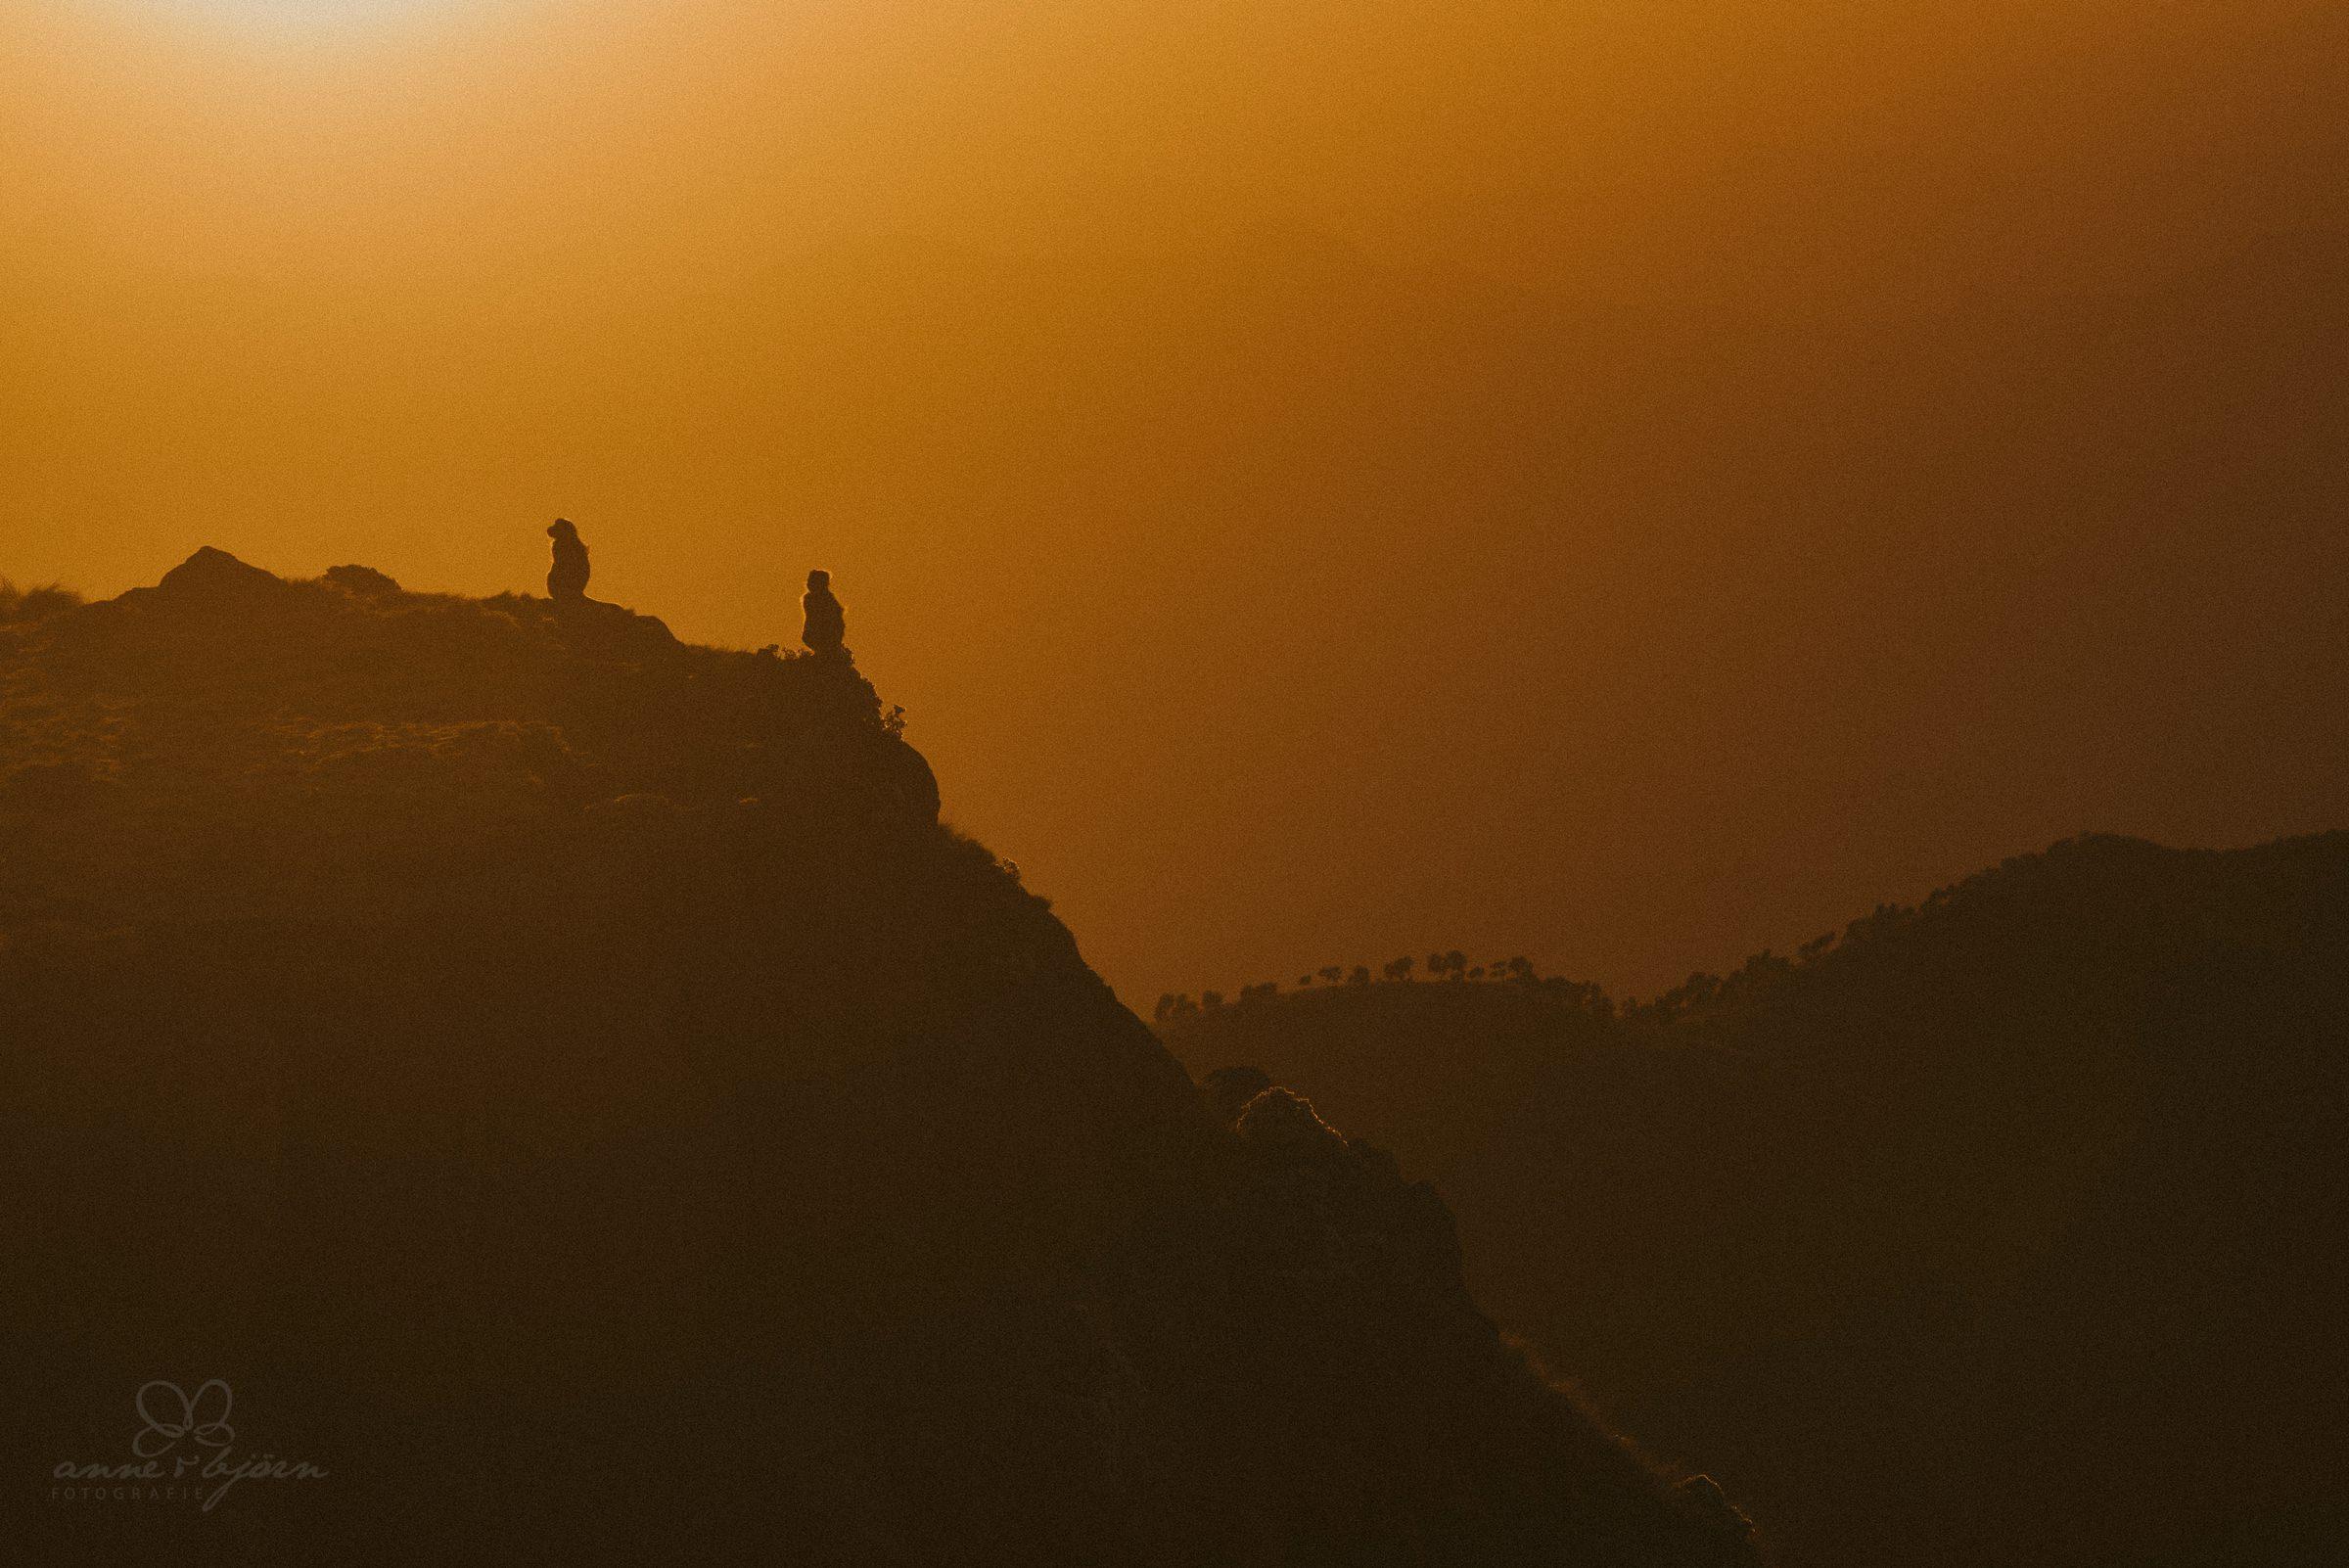 Affen, Gelada Affen, Geladas, Sonnenuntergang, Berghang, Tiere, Sunset